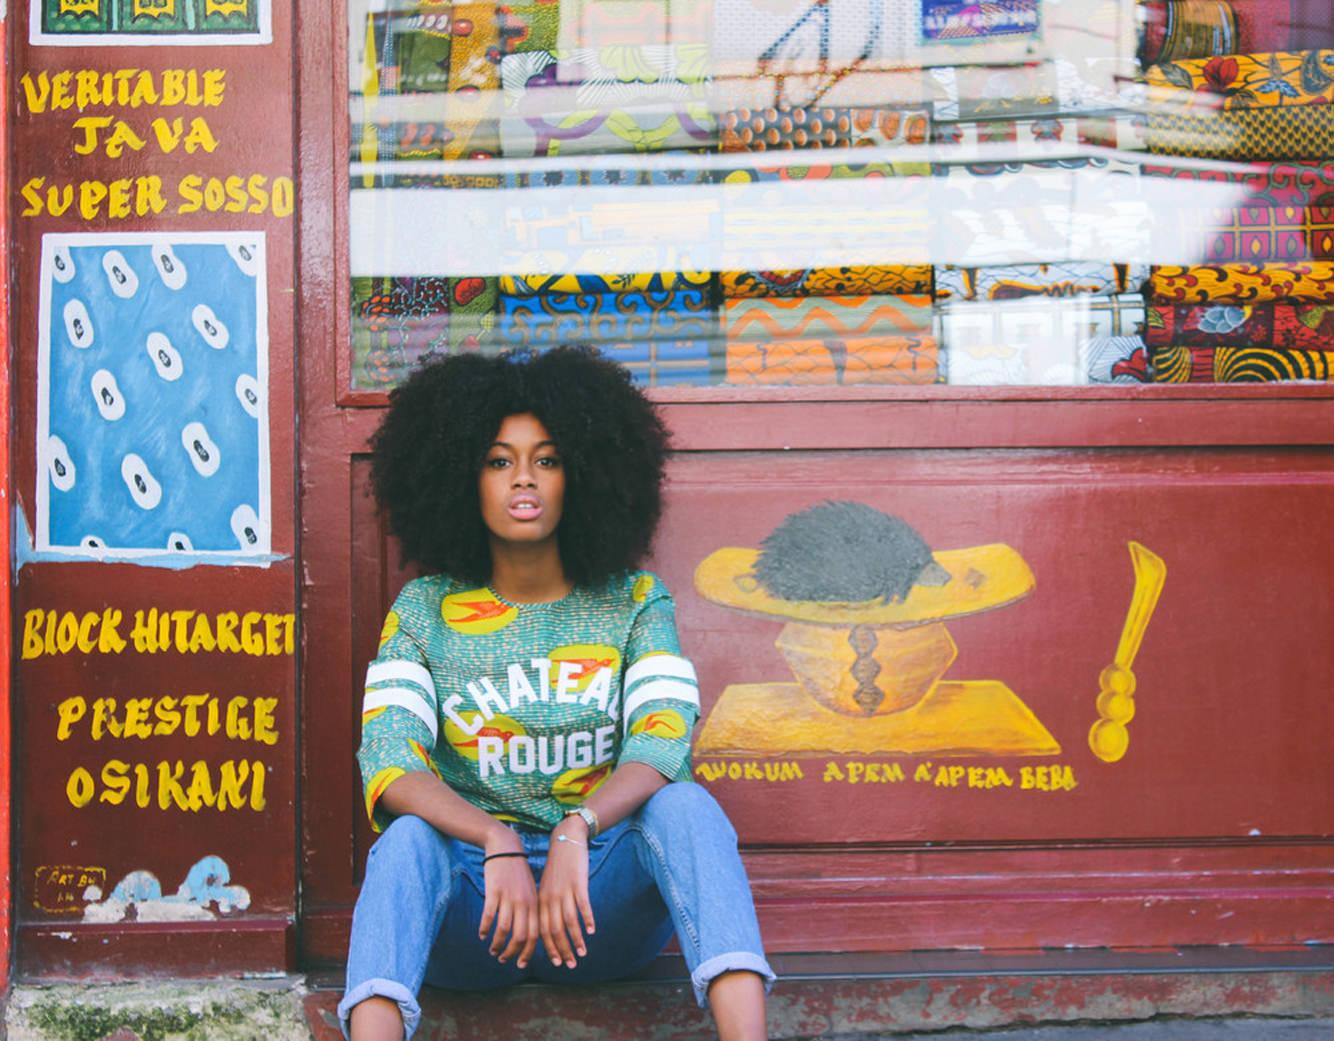 So Wax chez Merci  Merci présente une collection toute en wax, tissu emblématique du continent africain, composée de bijoux, de vêtements, de meubleset objets d'art. Motifs colorés flamboyants ou graphismes géométriques épurés black and white, jus de bissap ou Coca Cola local aux fleurs d'hibiscus séchées, excitez vos sens et take it all in. L'Afrique contemporaine au bout de vos doigts, langue, cils, nez etoreilles.  So Wax, jusqu'au 26 mars chez Merci, 111, boulevard Beaumarchais, ParisIIIe.    Par Clara Blanca et Léa Zetlaoui